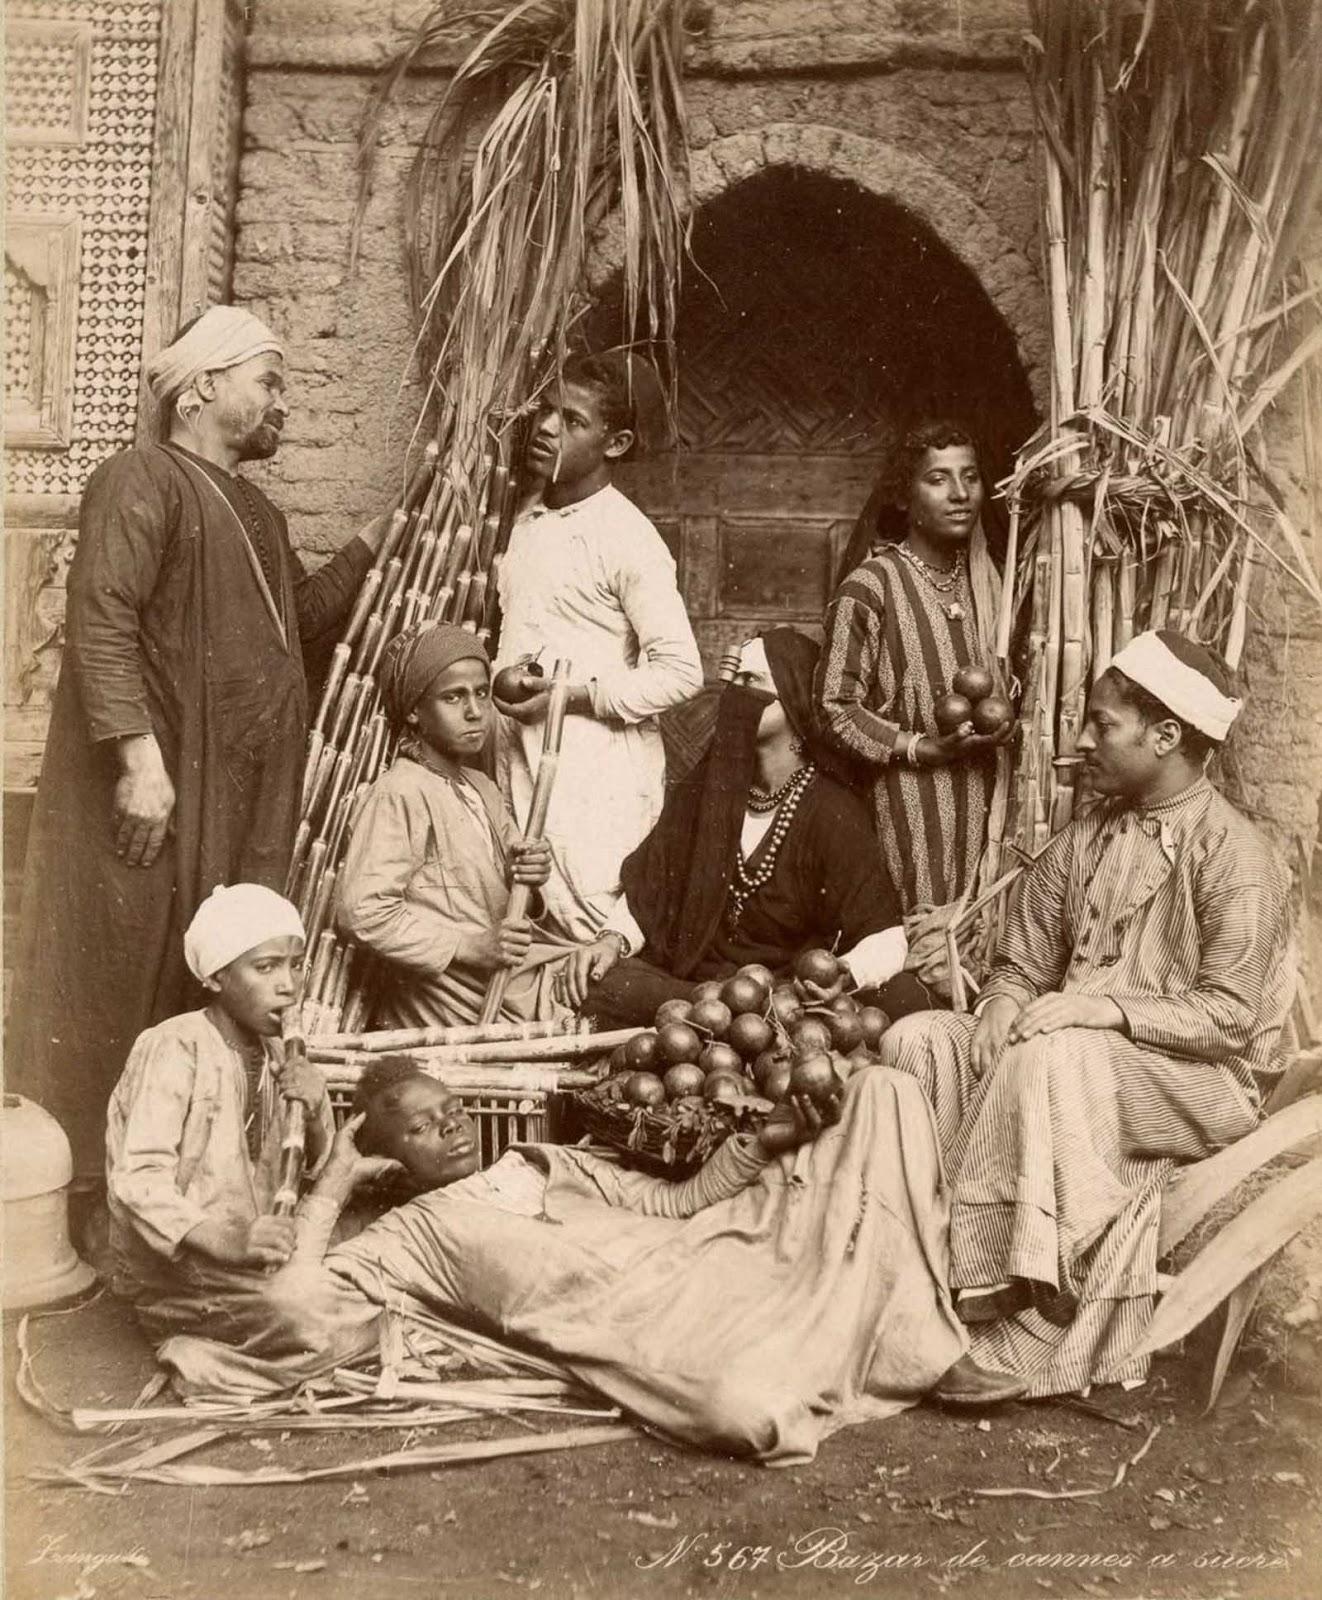 Los vendedores en un bazar.